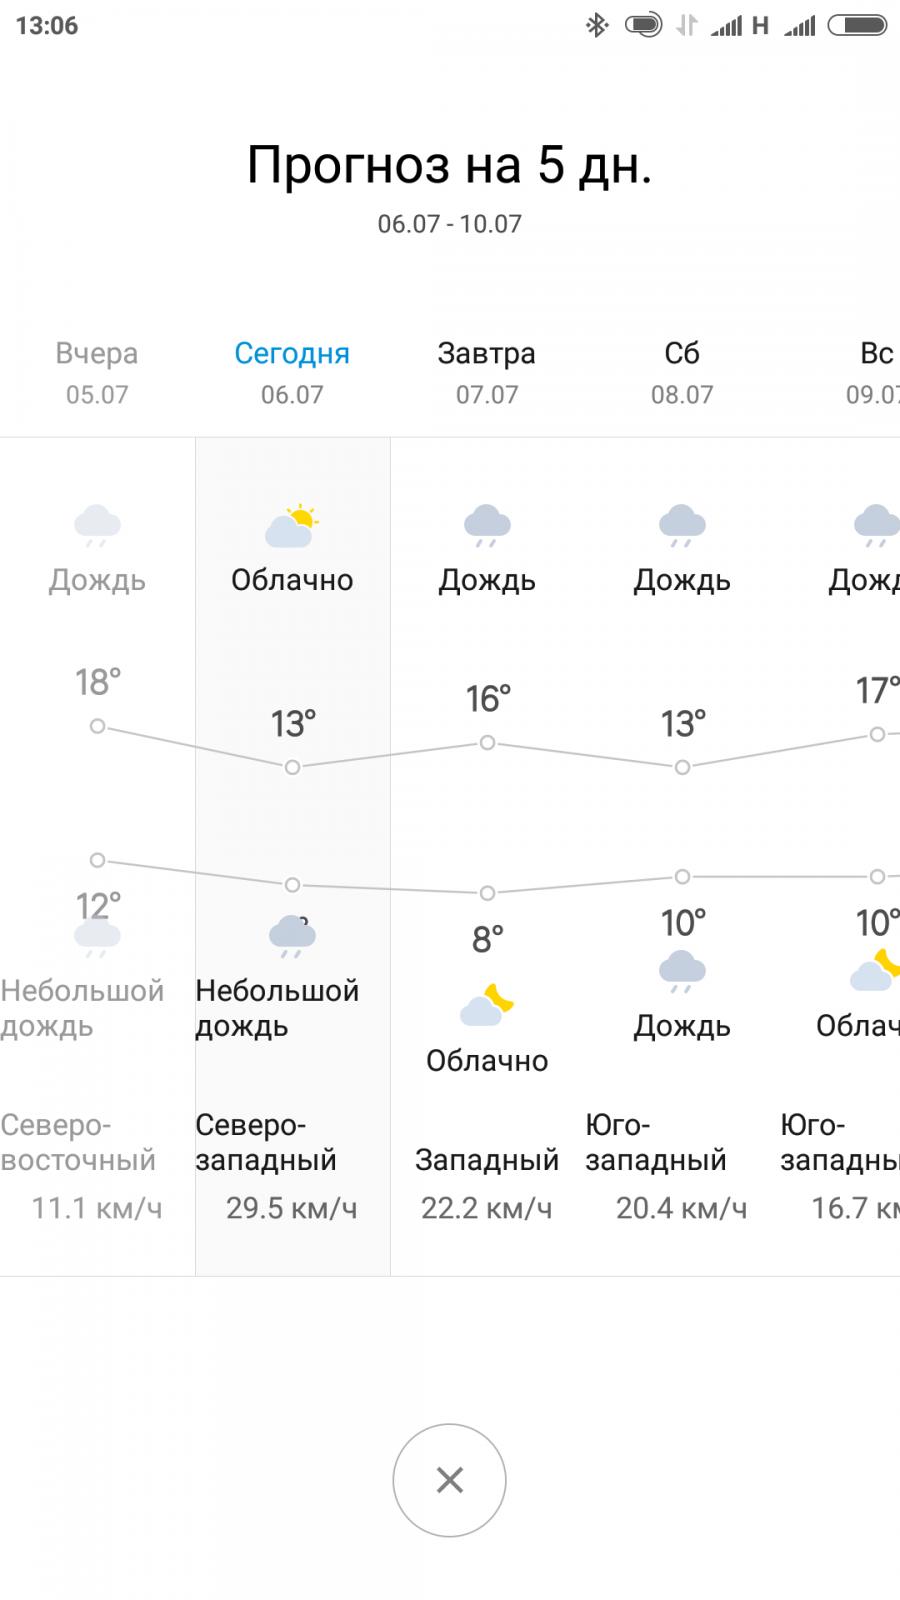 Screenshot_2017-07-06-13-06-27-275_com.miui.weather2.png